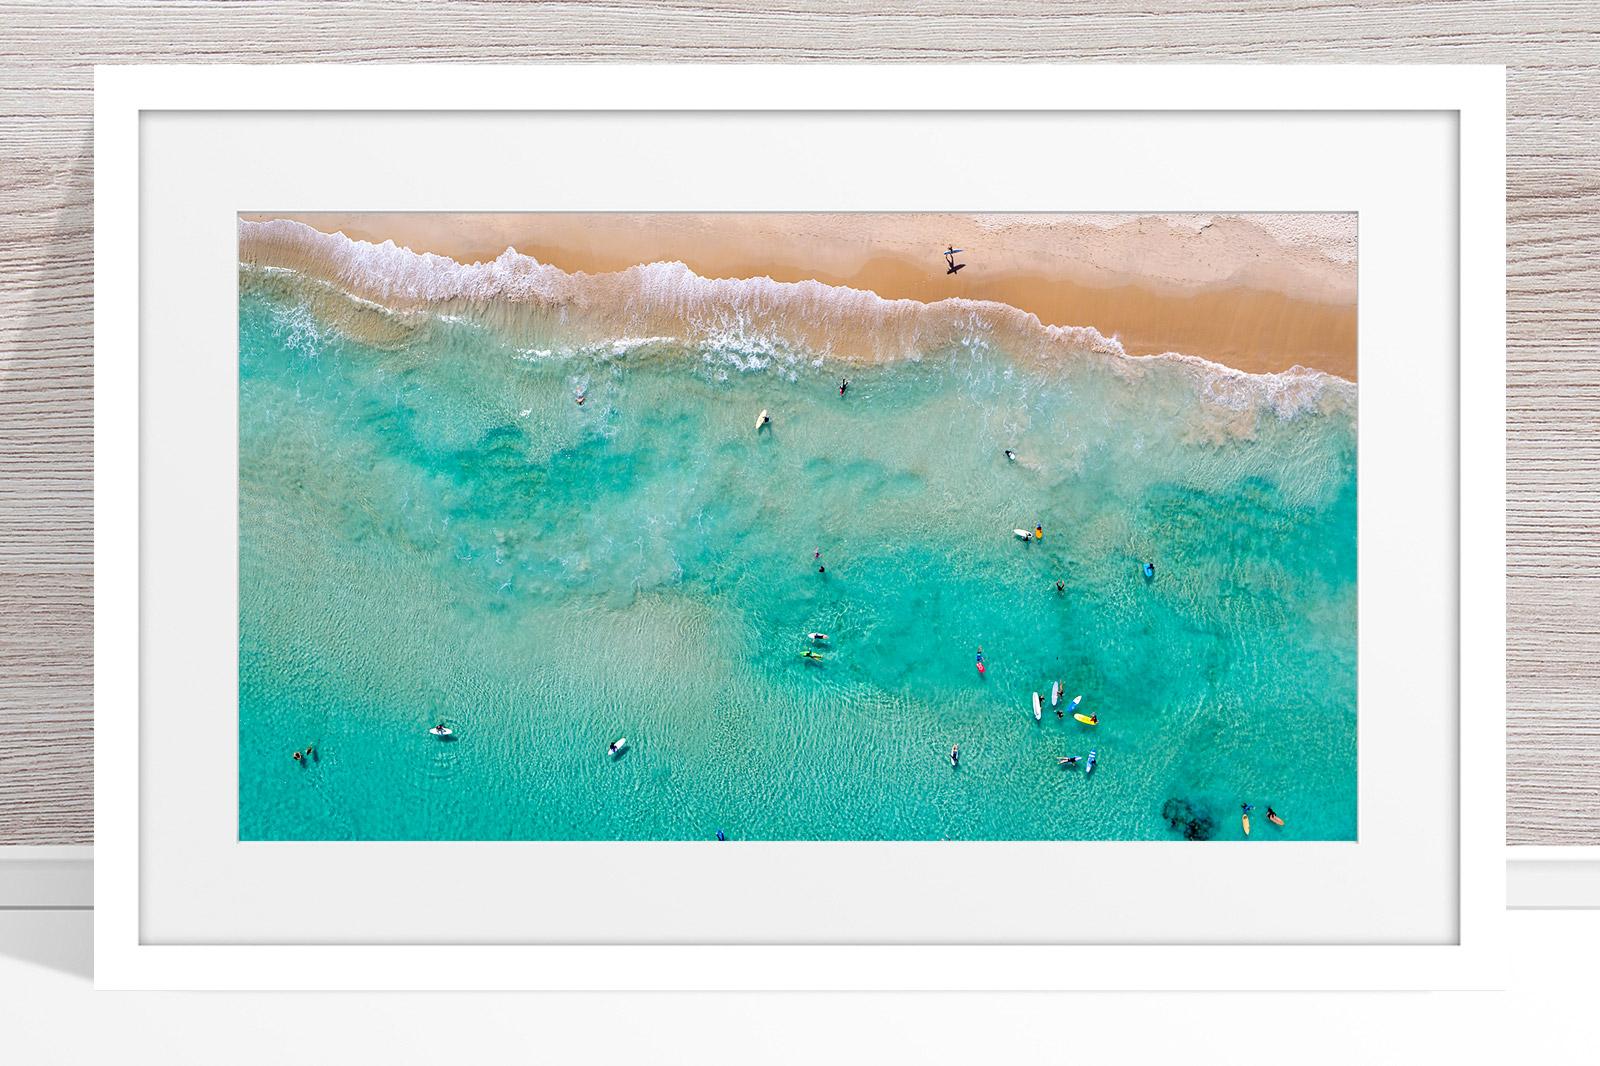 Jason Mazur - 'Contacio Scarborough 0693' White Frame